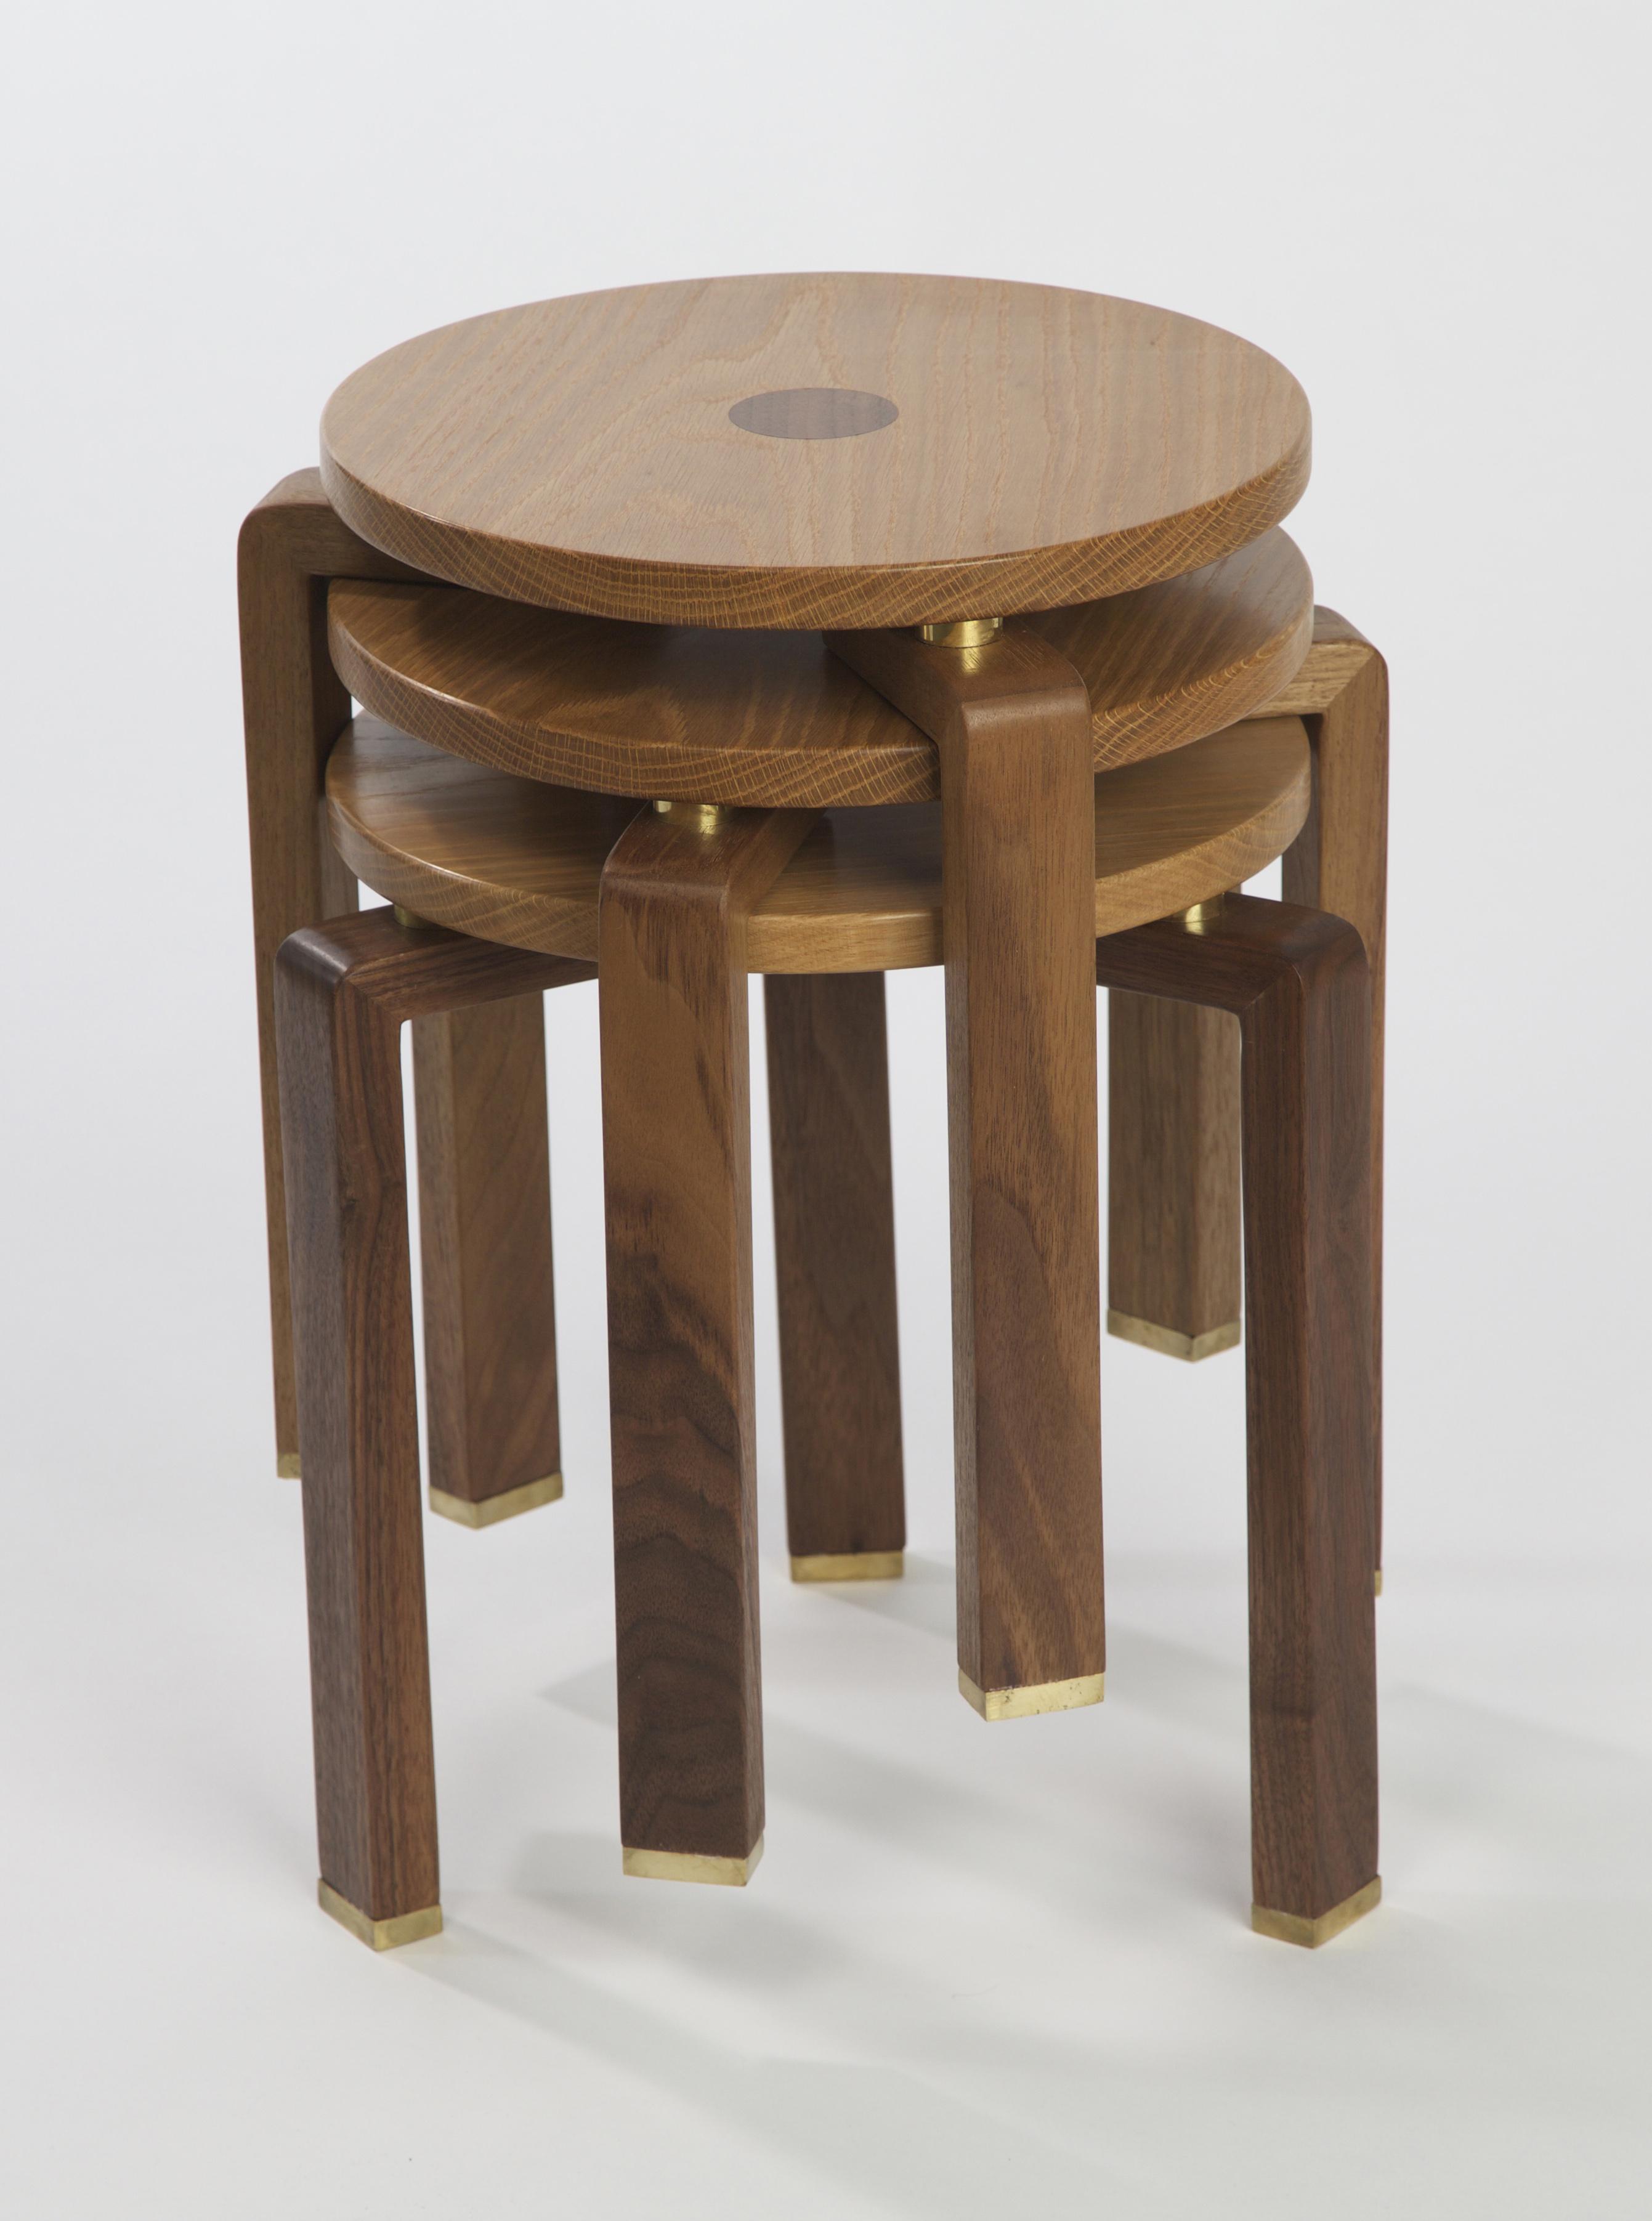 'Zanna' stools stacked